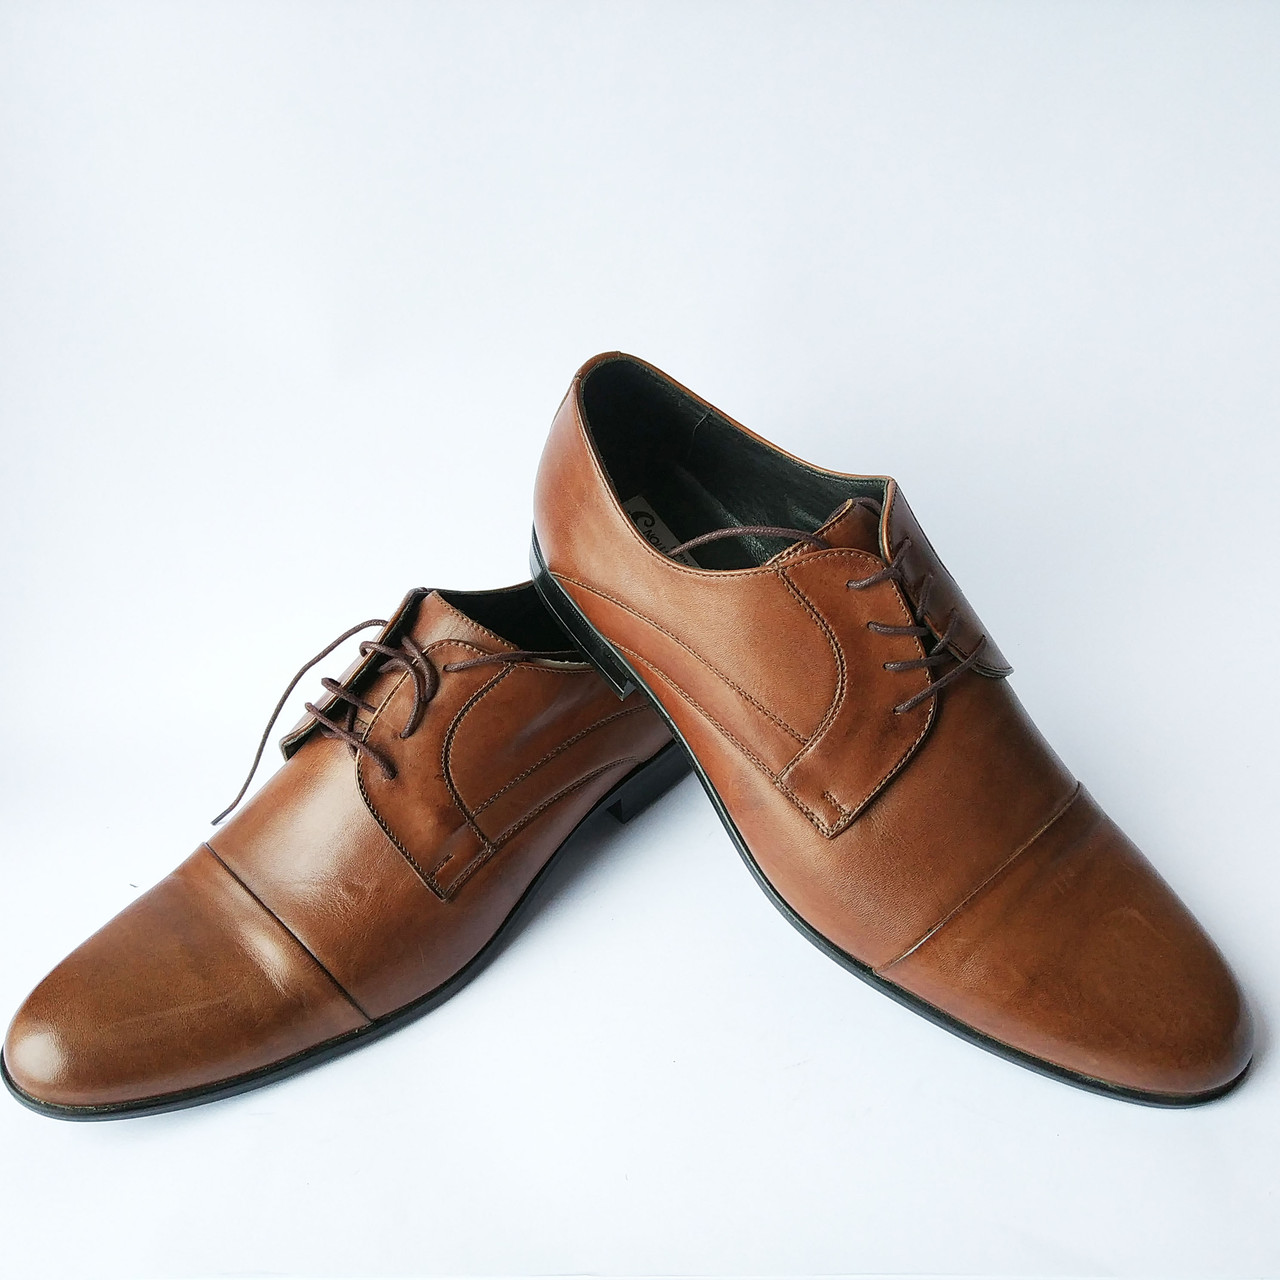 7f4c8010424 Купить мужскую обувь Pan   польские кожаные